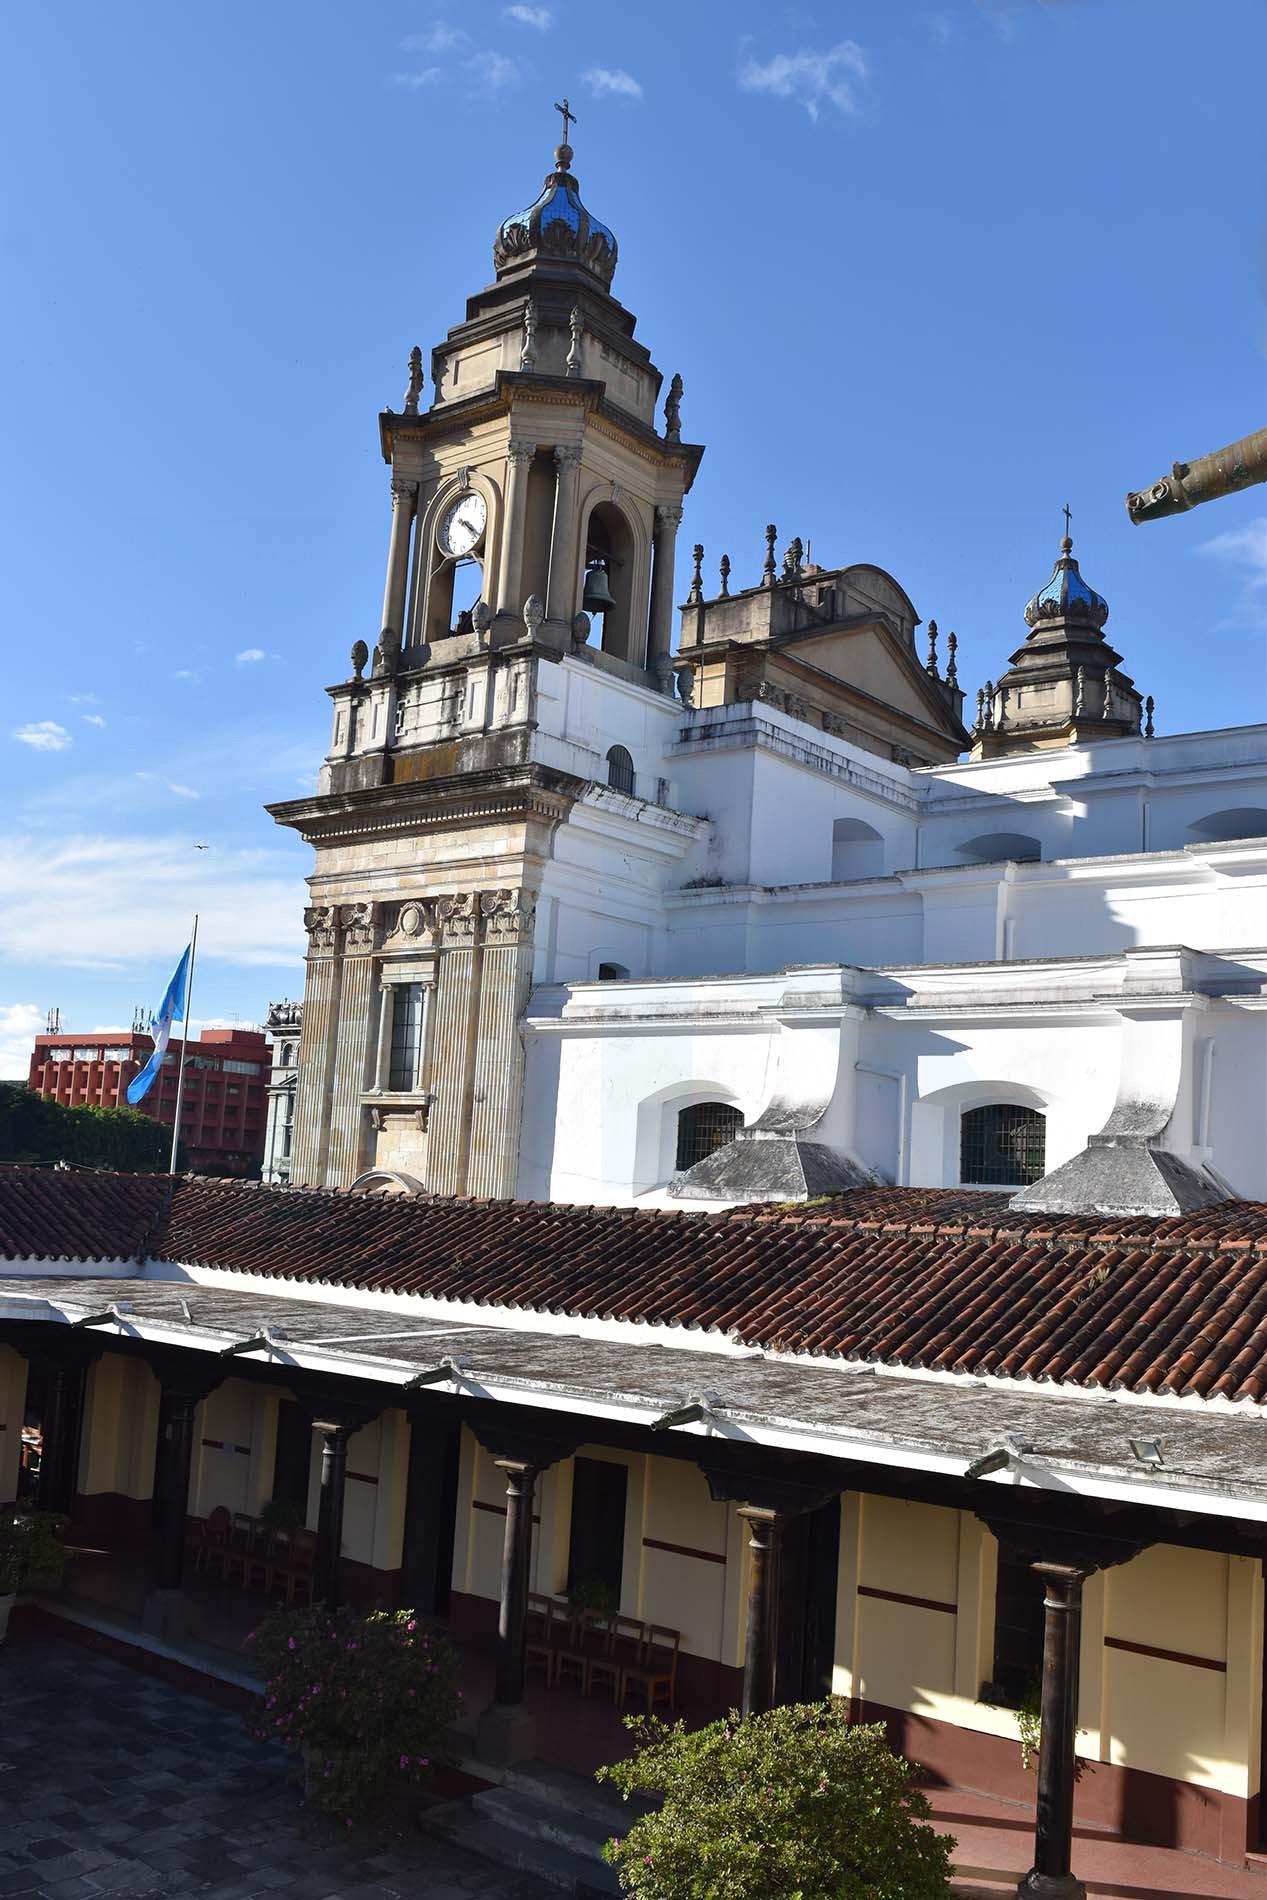 Museo arquidiocesano 12